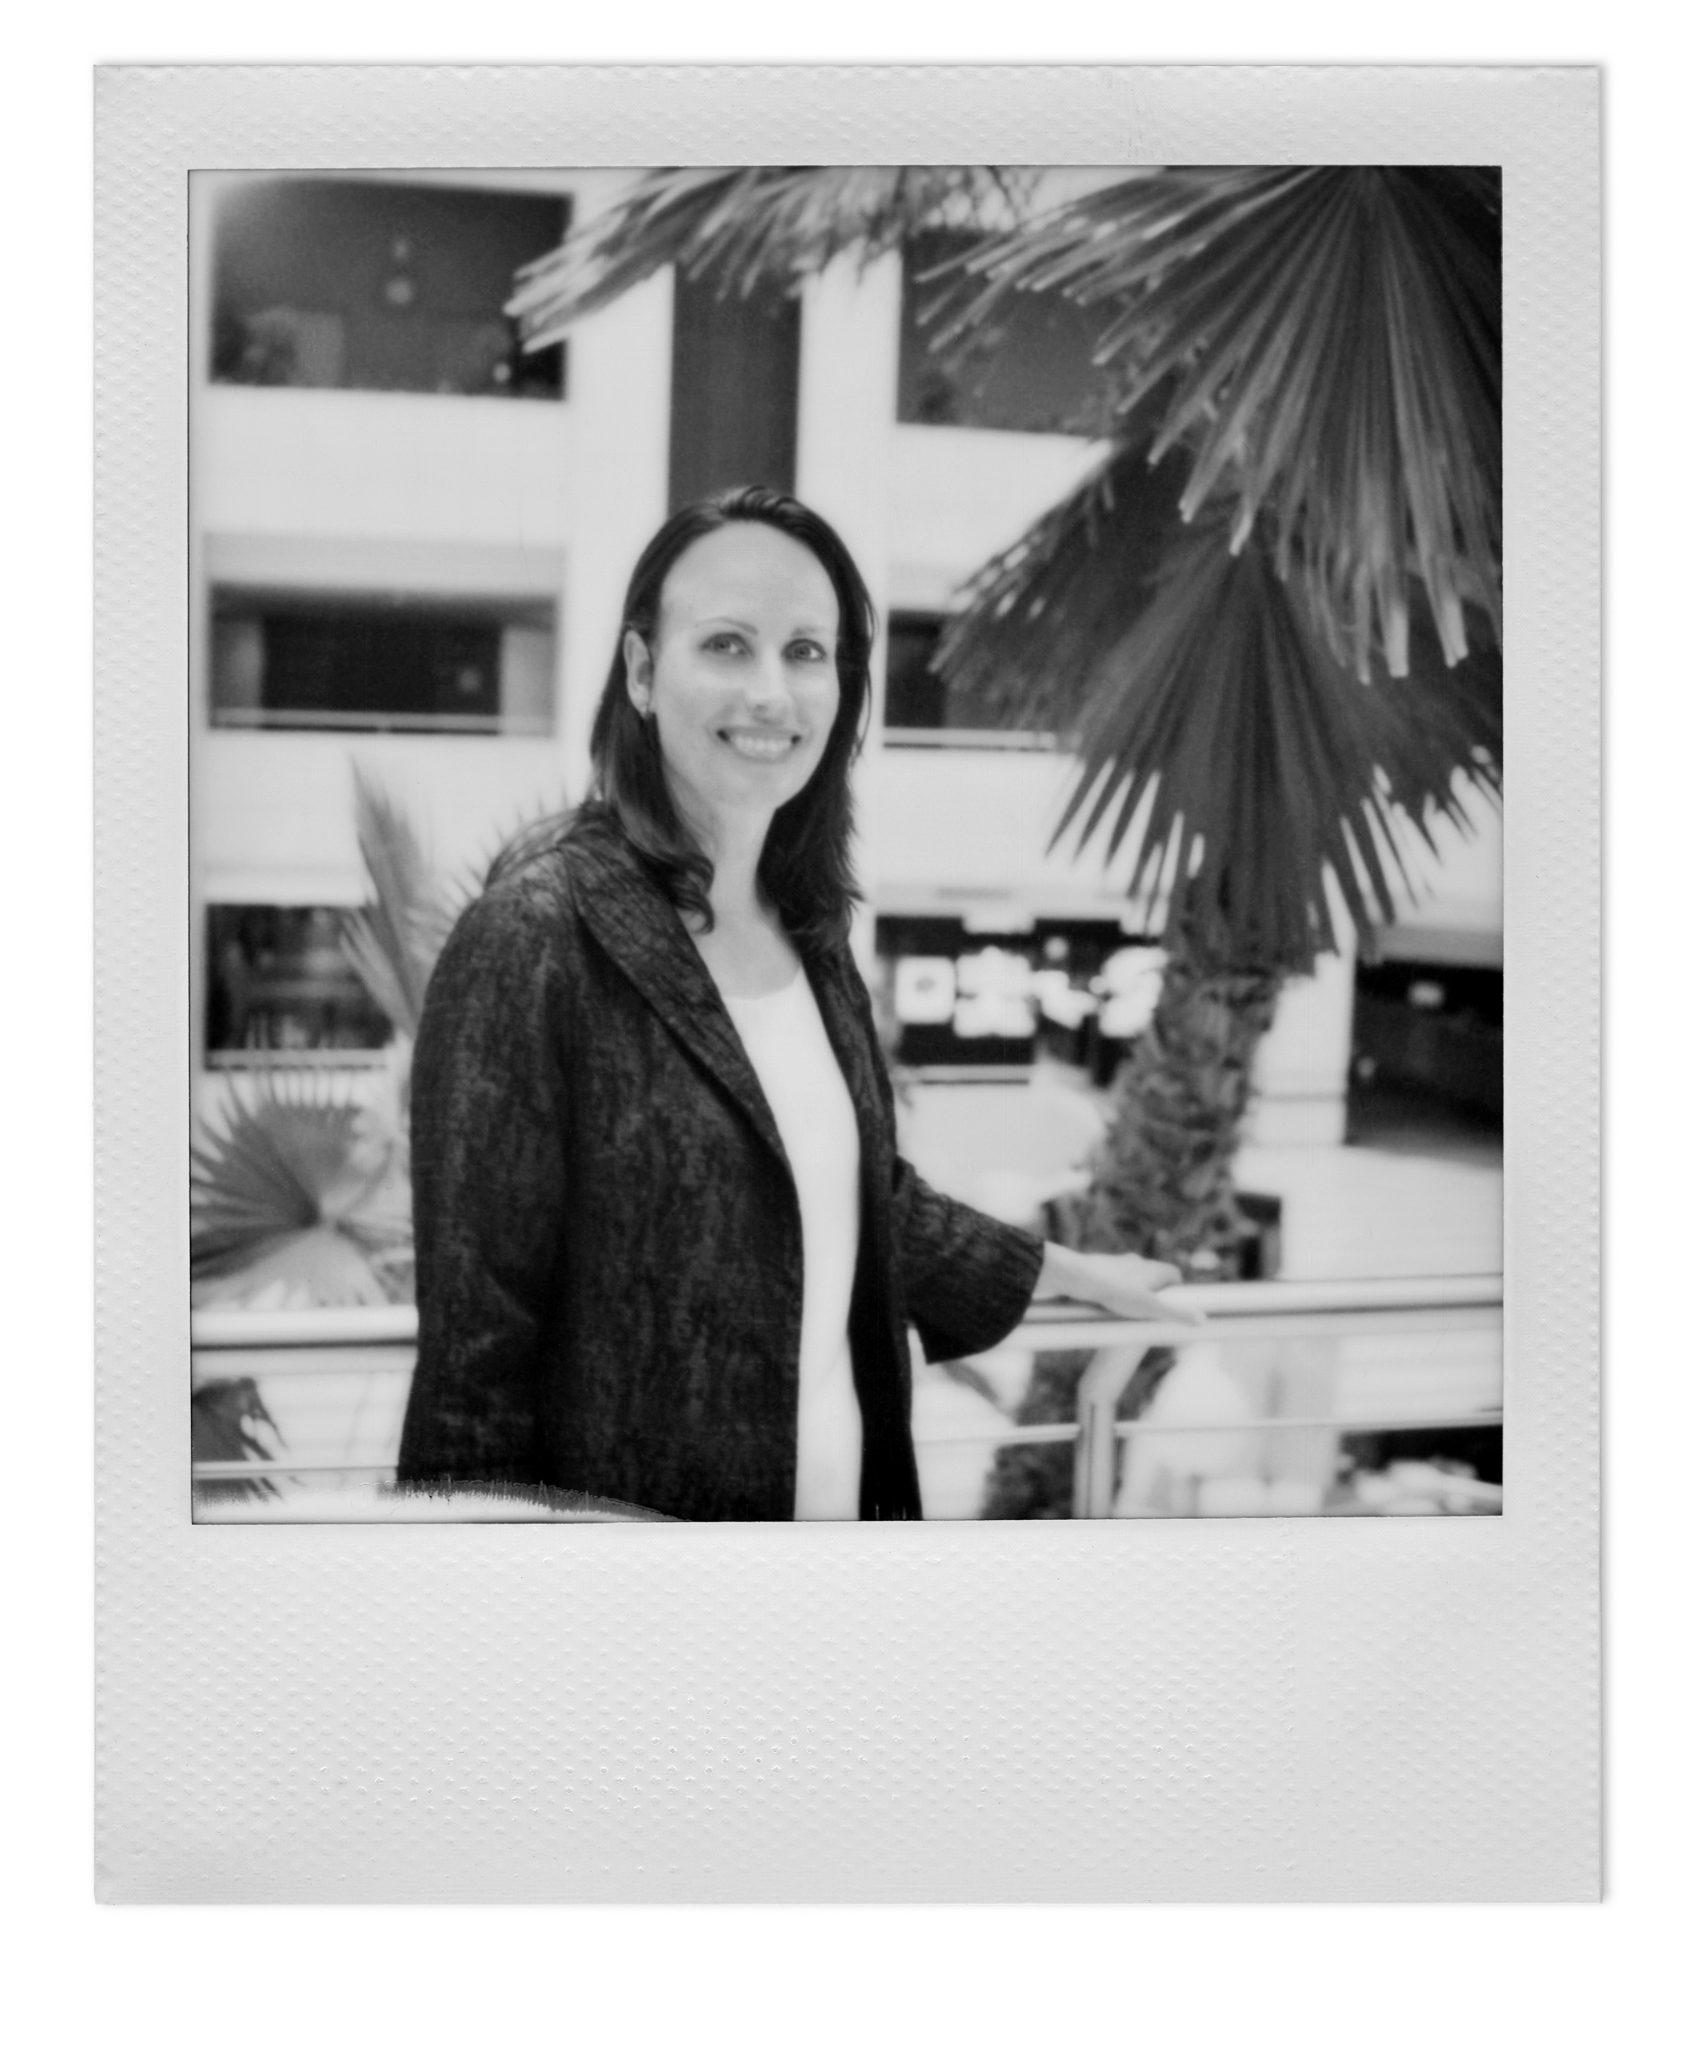 Než vroce 2007 nastoupila Jacquelline 17 Fullerová napozici ředitelky neziskové sekce Googlu, pracovala vNadaci Billa aMelindyGatesových.